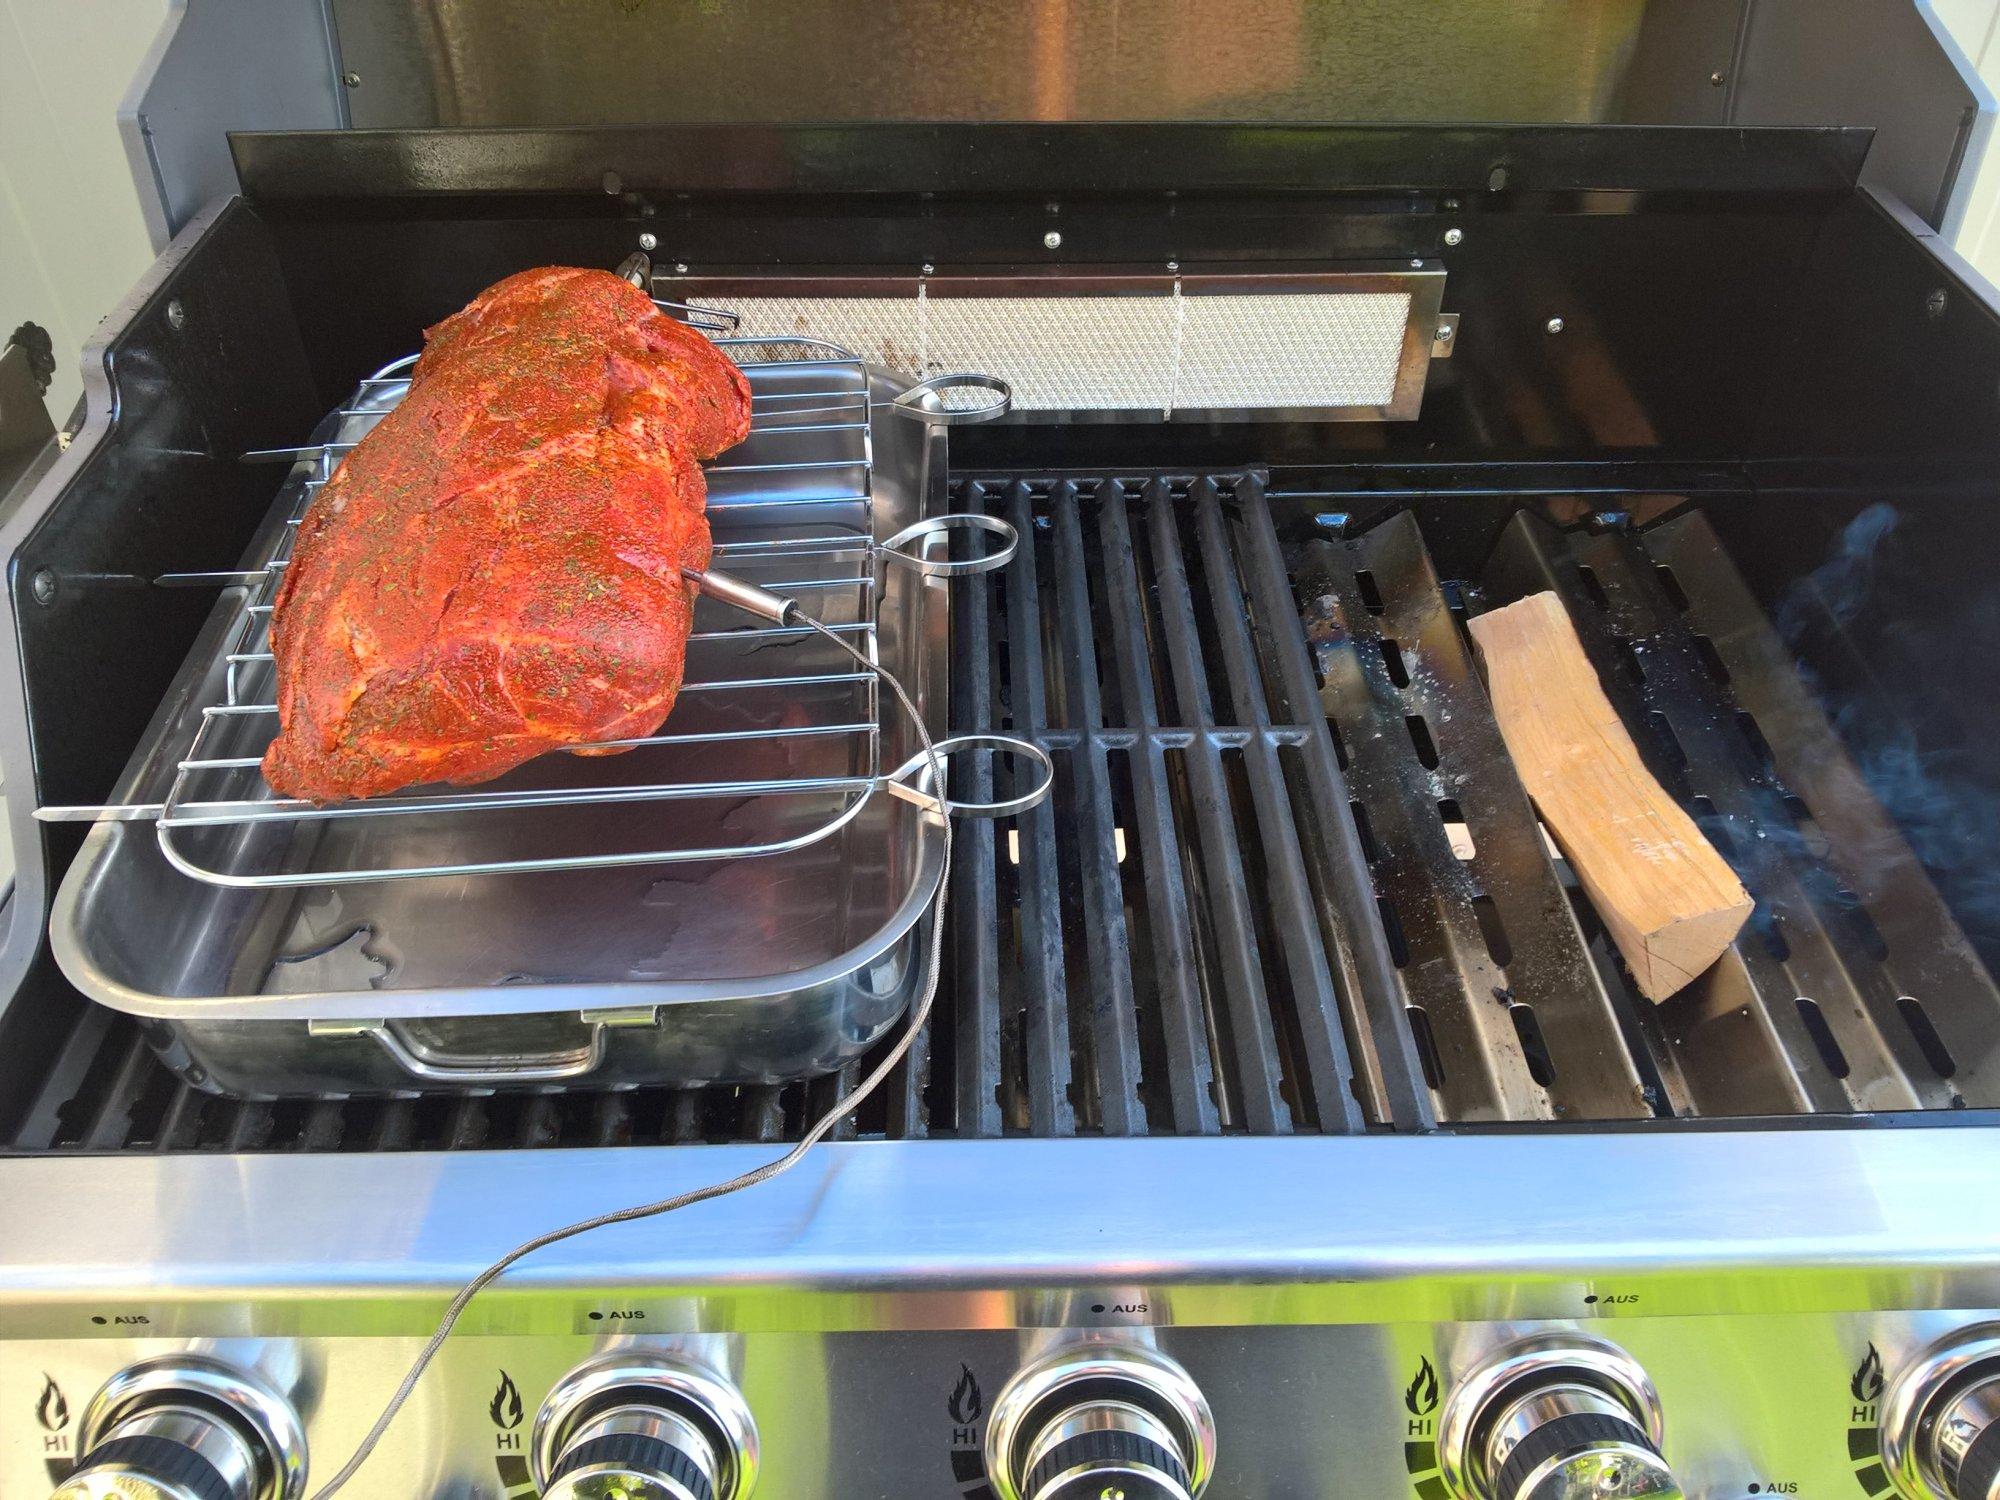 Pulled Pork Gasgrill Grillsportverein : Pulled pork aus gasgrill teilweise nicht pullbar grillforum und